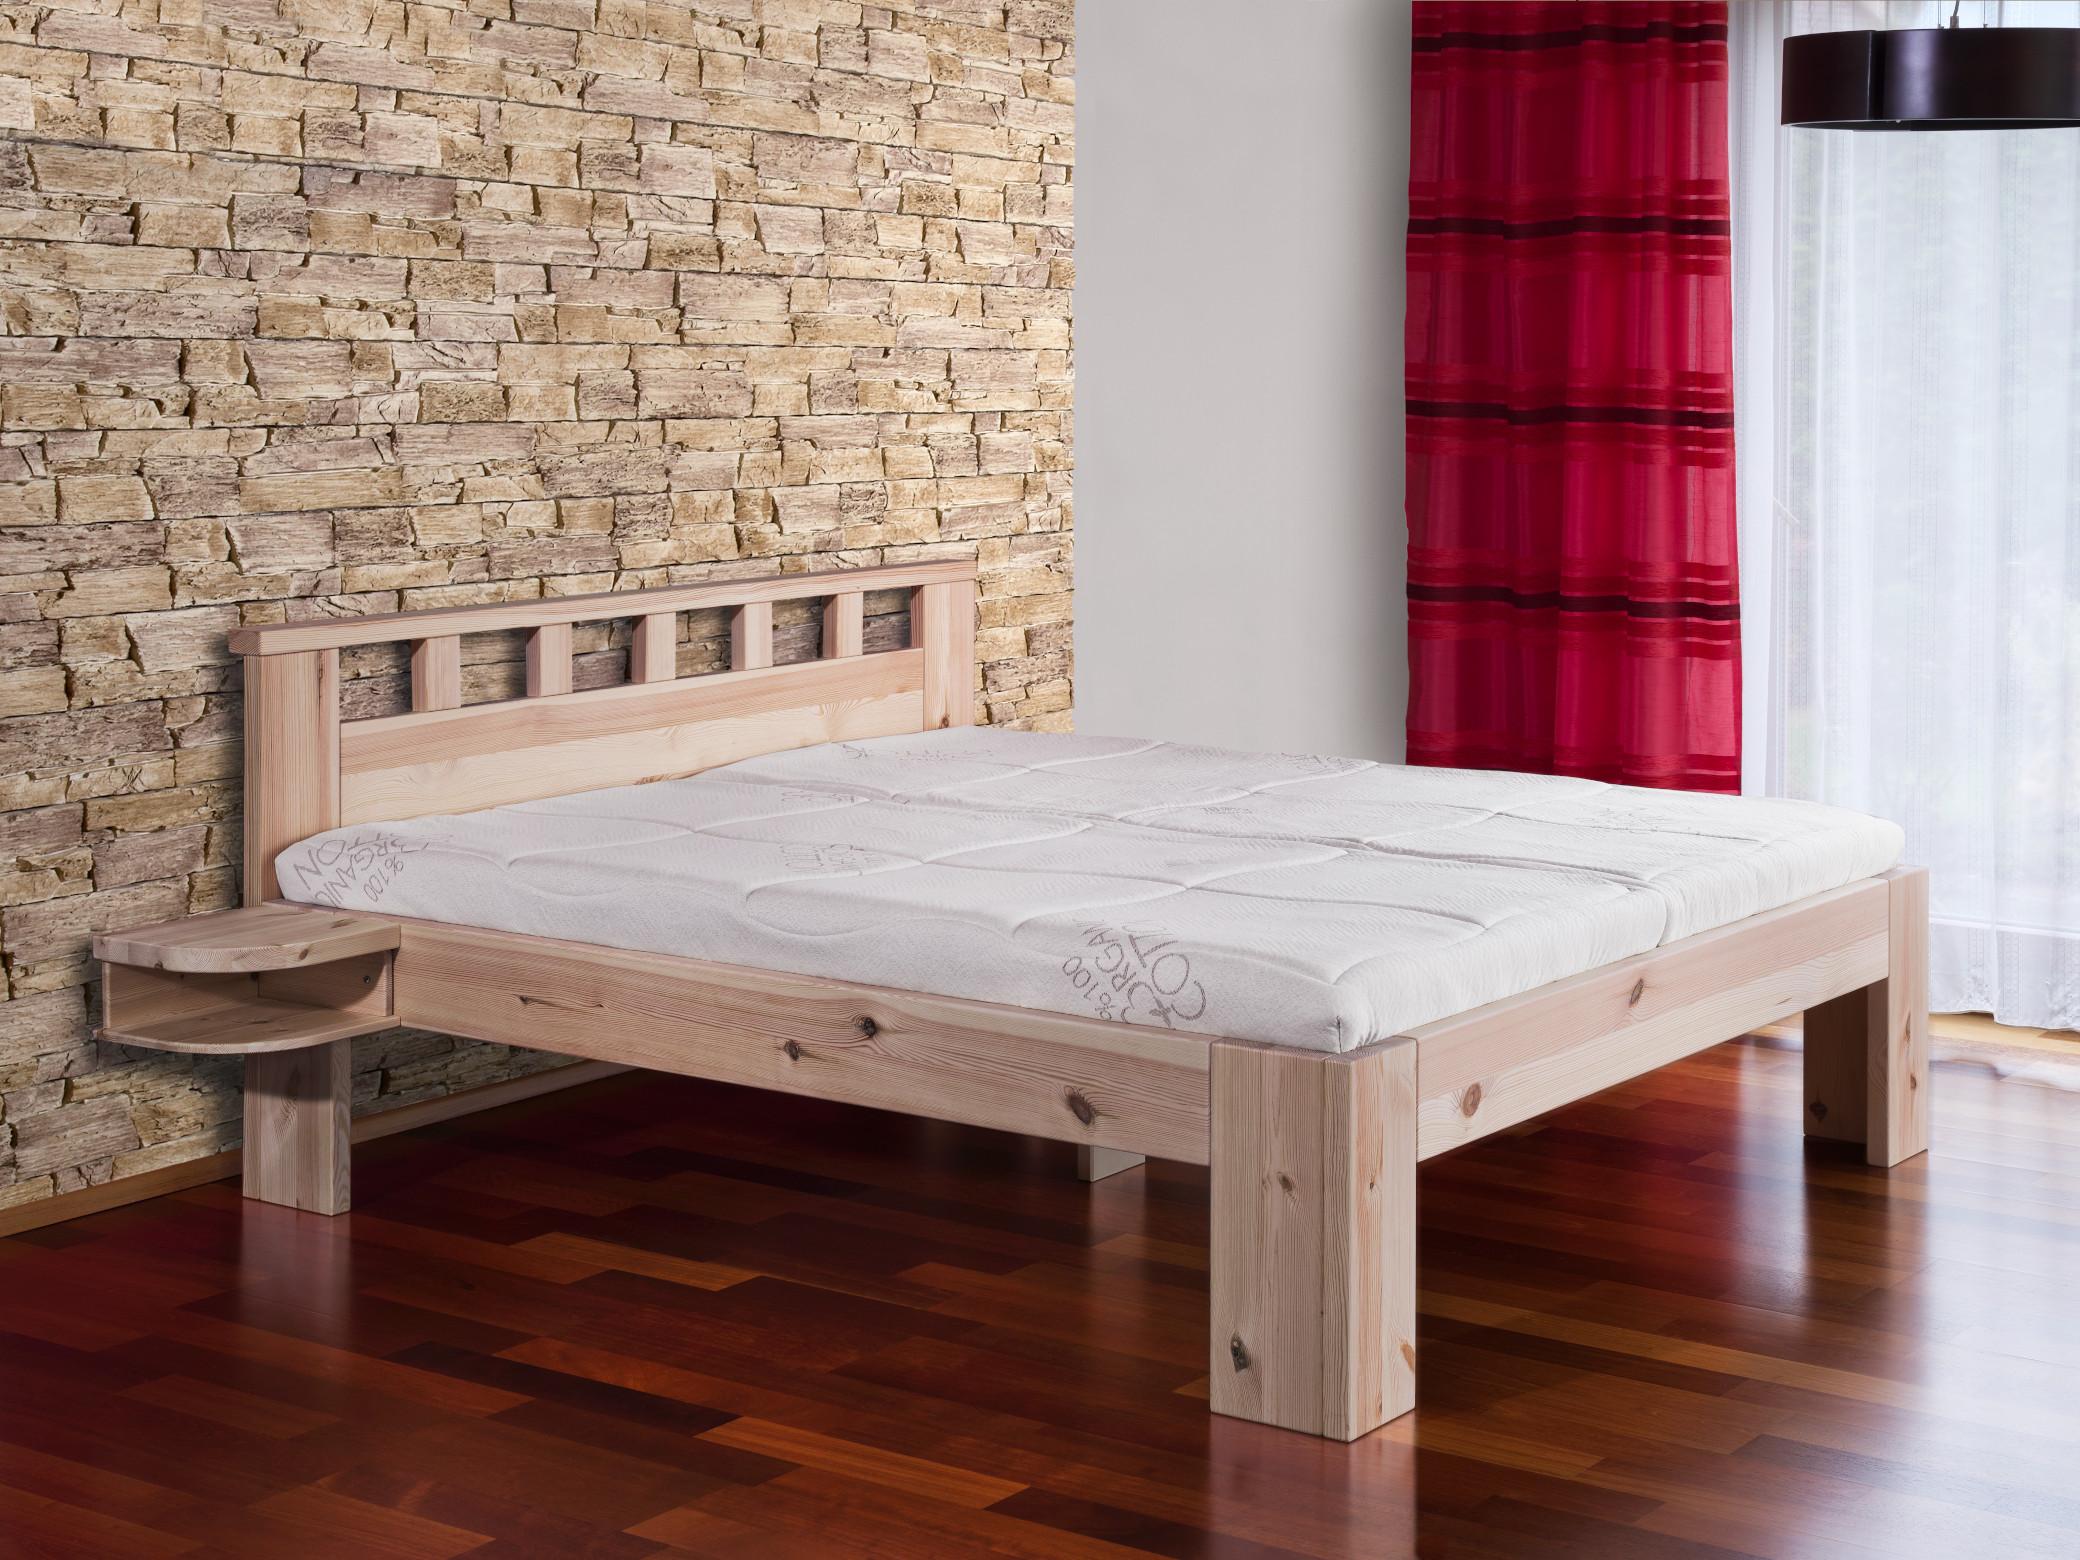 Oblíbený model Rhodos z masivního borovicového dřeva bez povrchové úpravy.